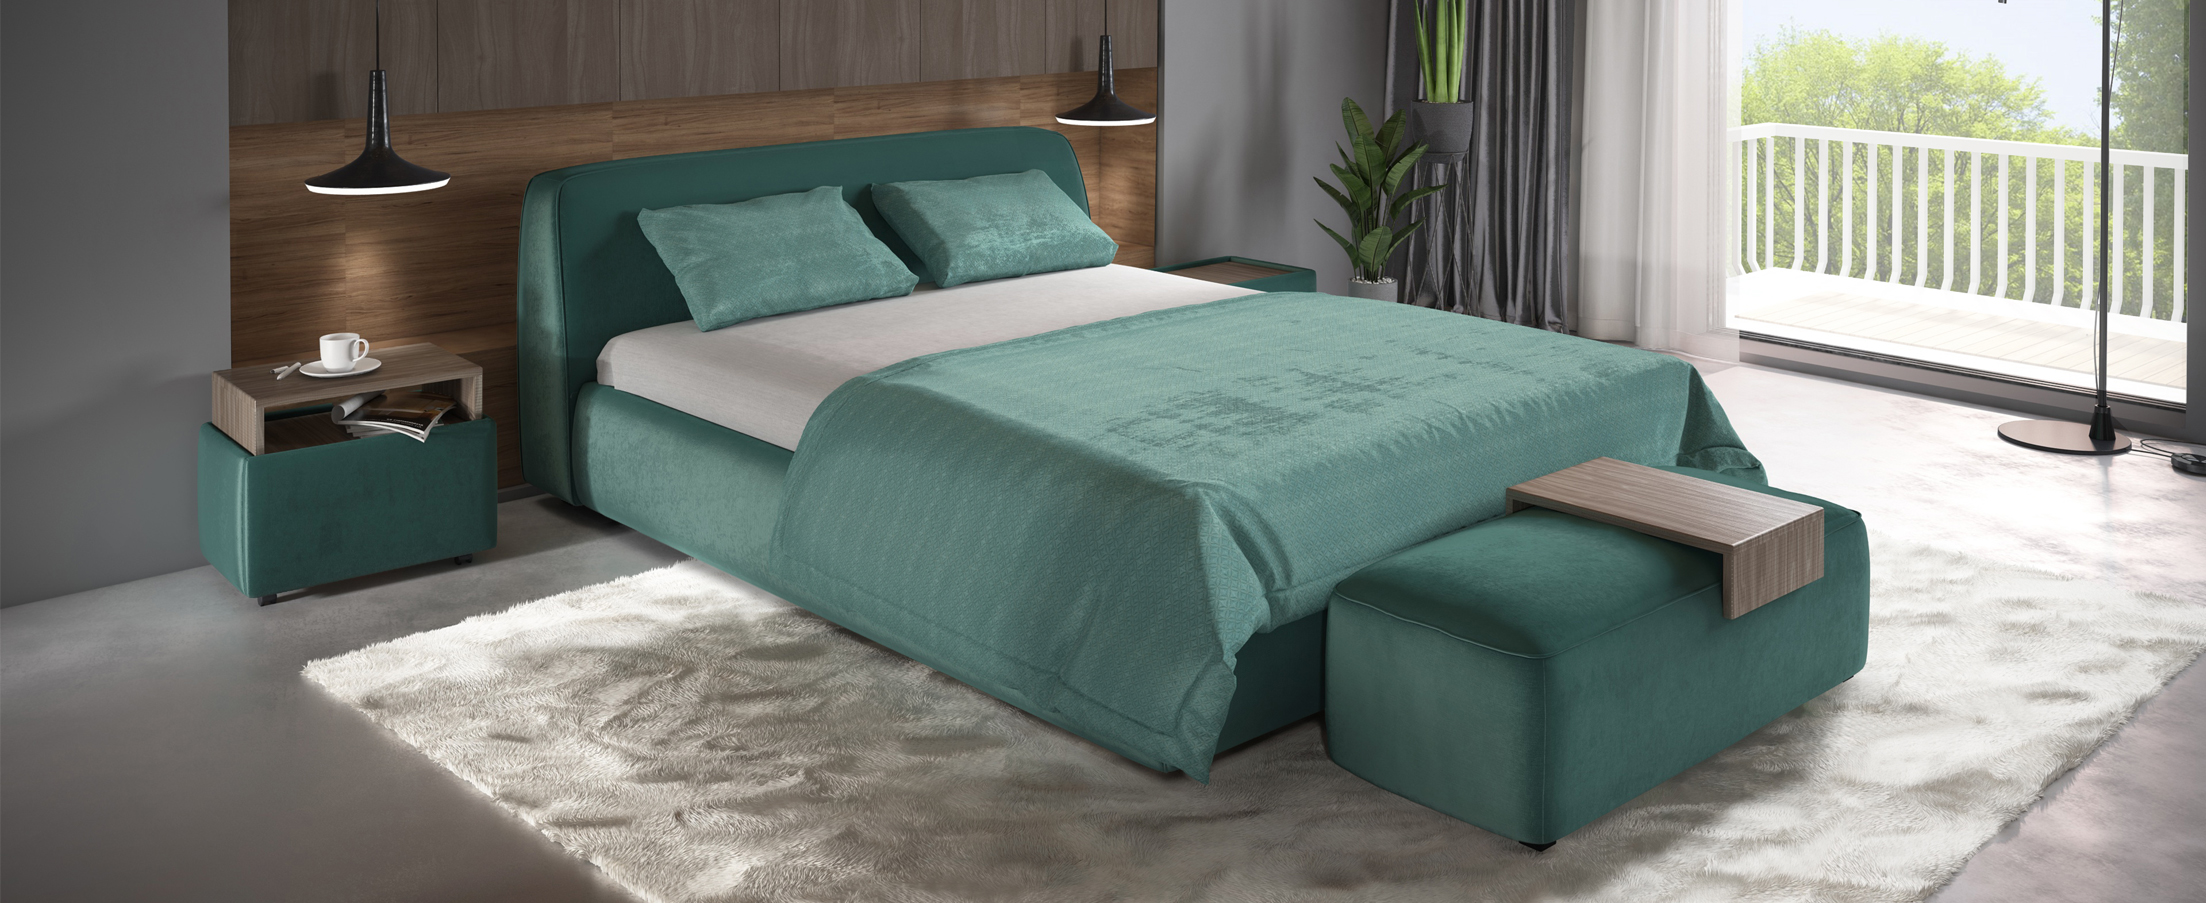 Кровать двуспальная MOON 1008 фото